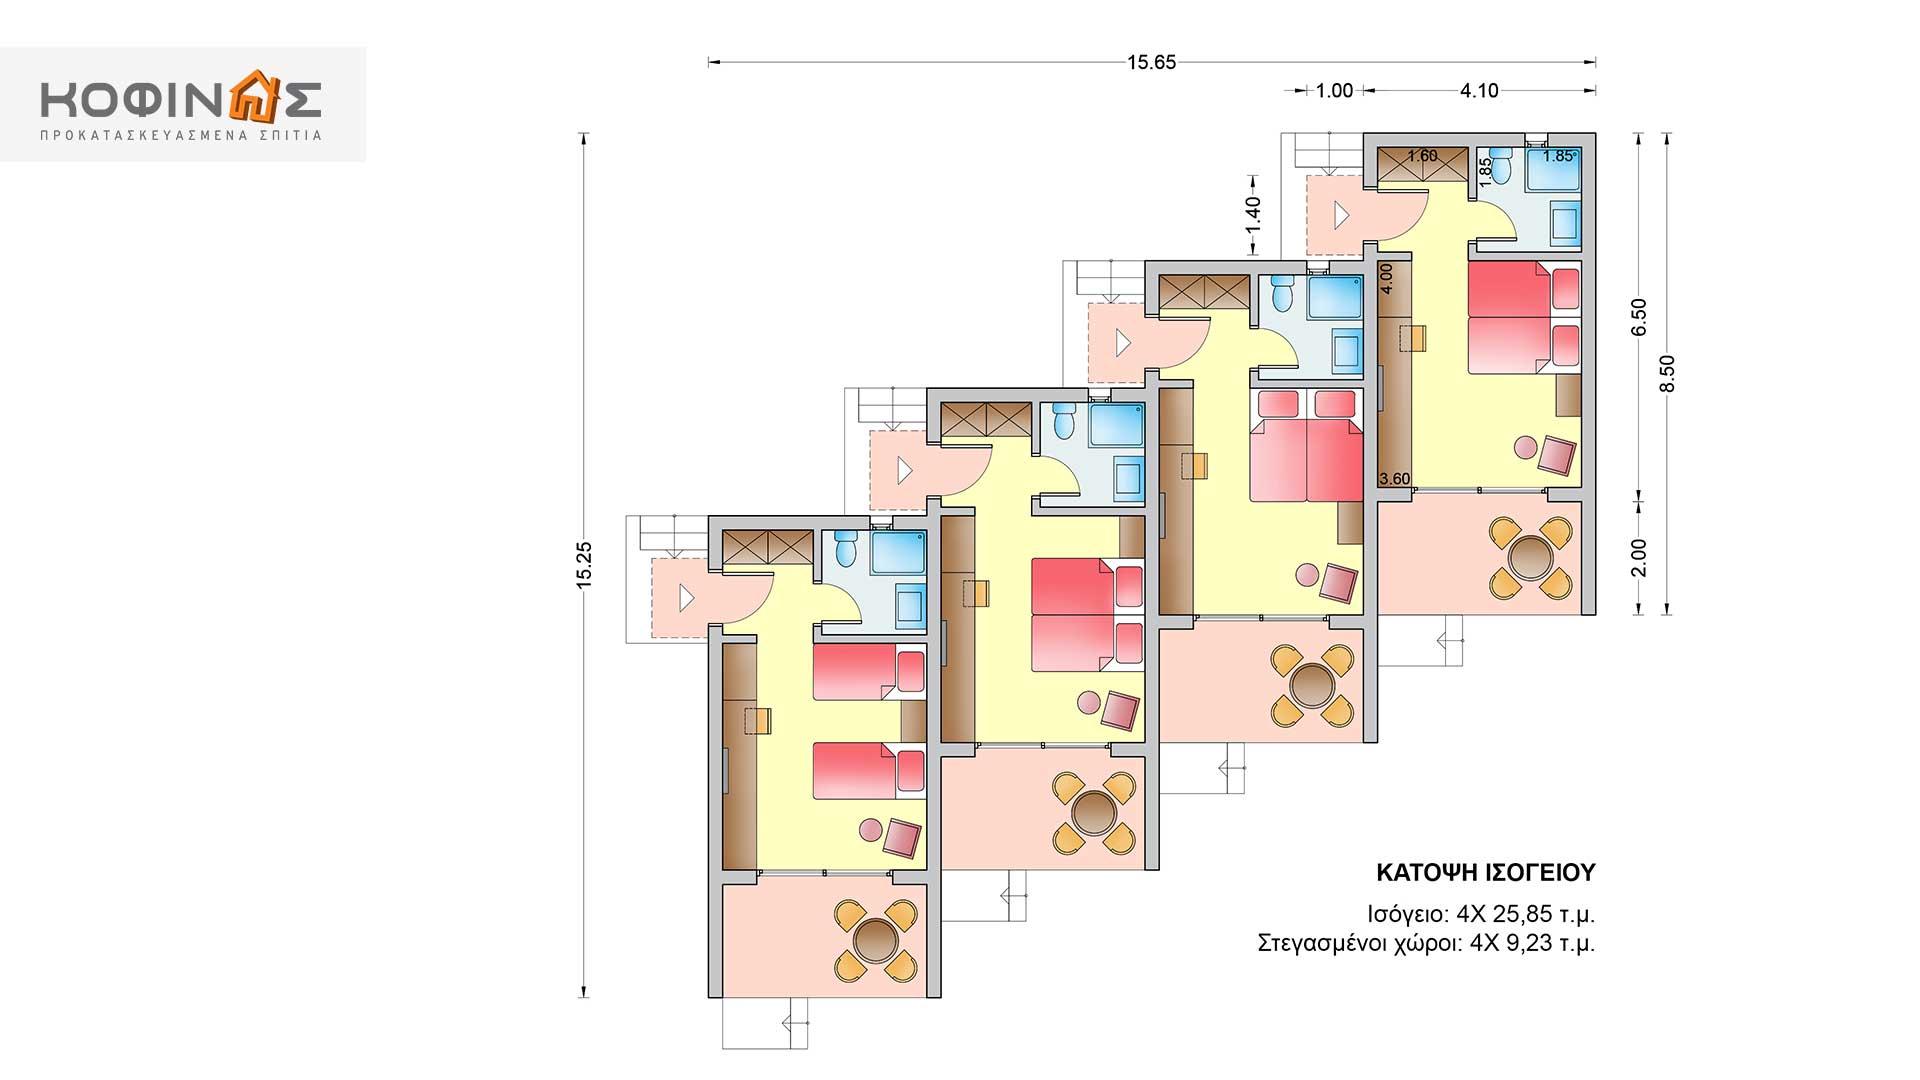 Συγκρότημα Κατοικιών E-25a, συνολικής επιφάνειας 4 x 25,85 = 103,40 τ.μ.